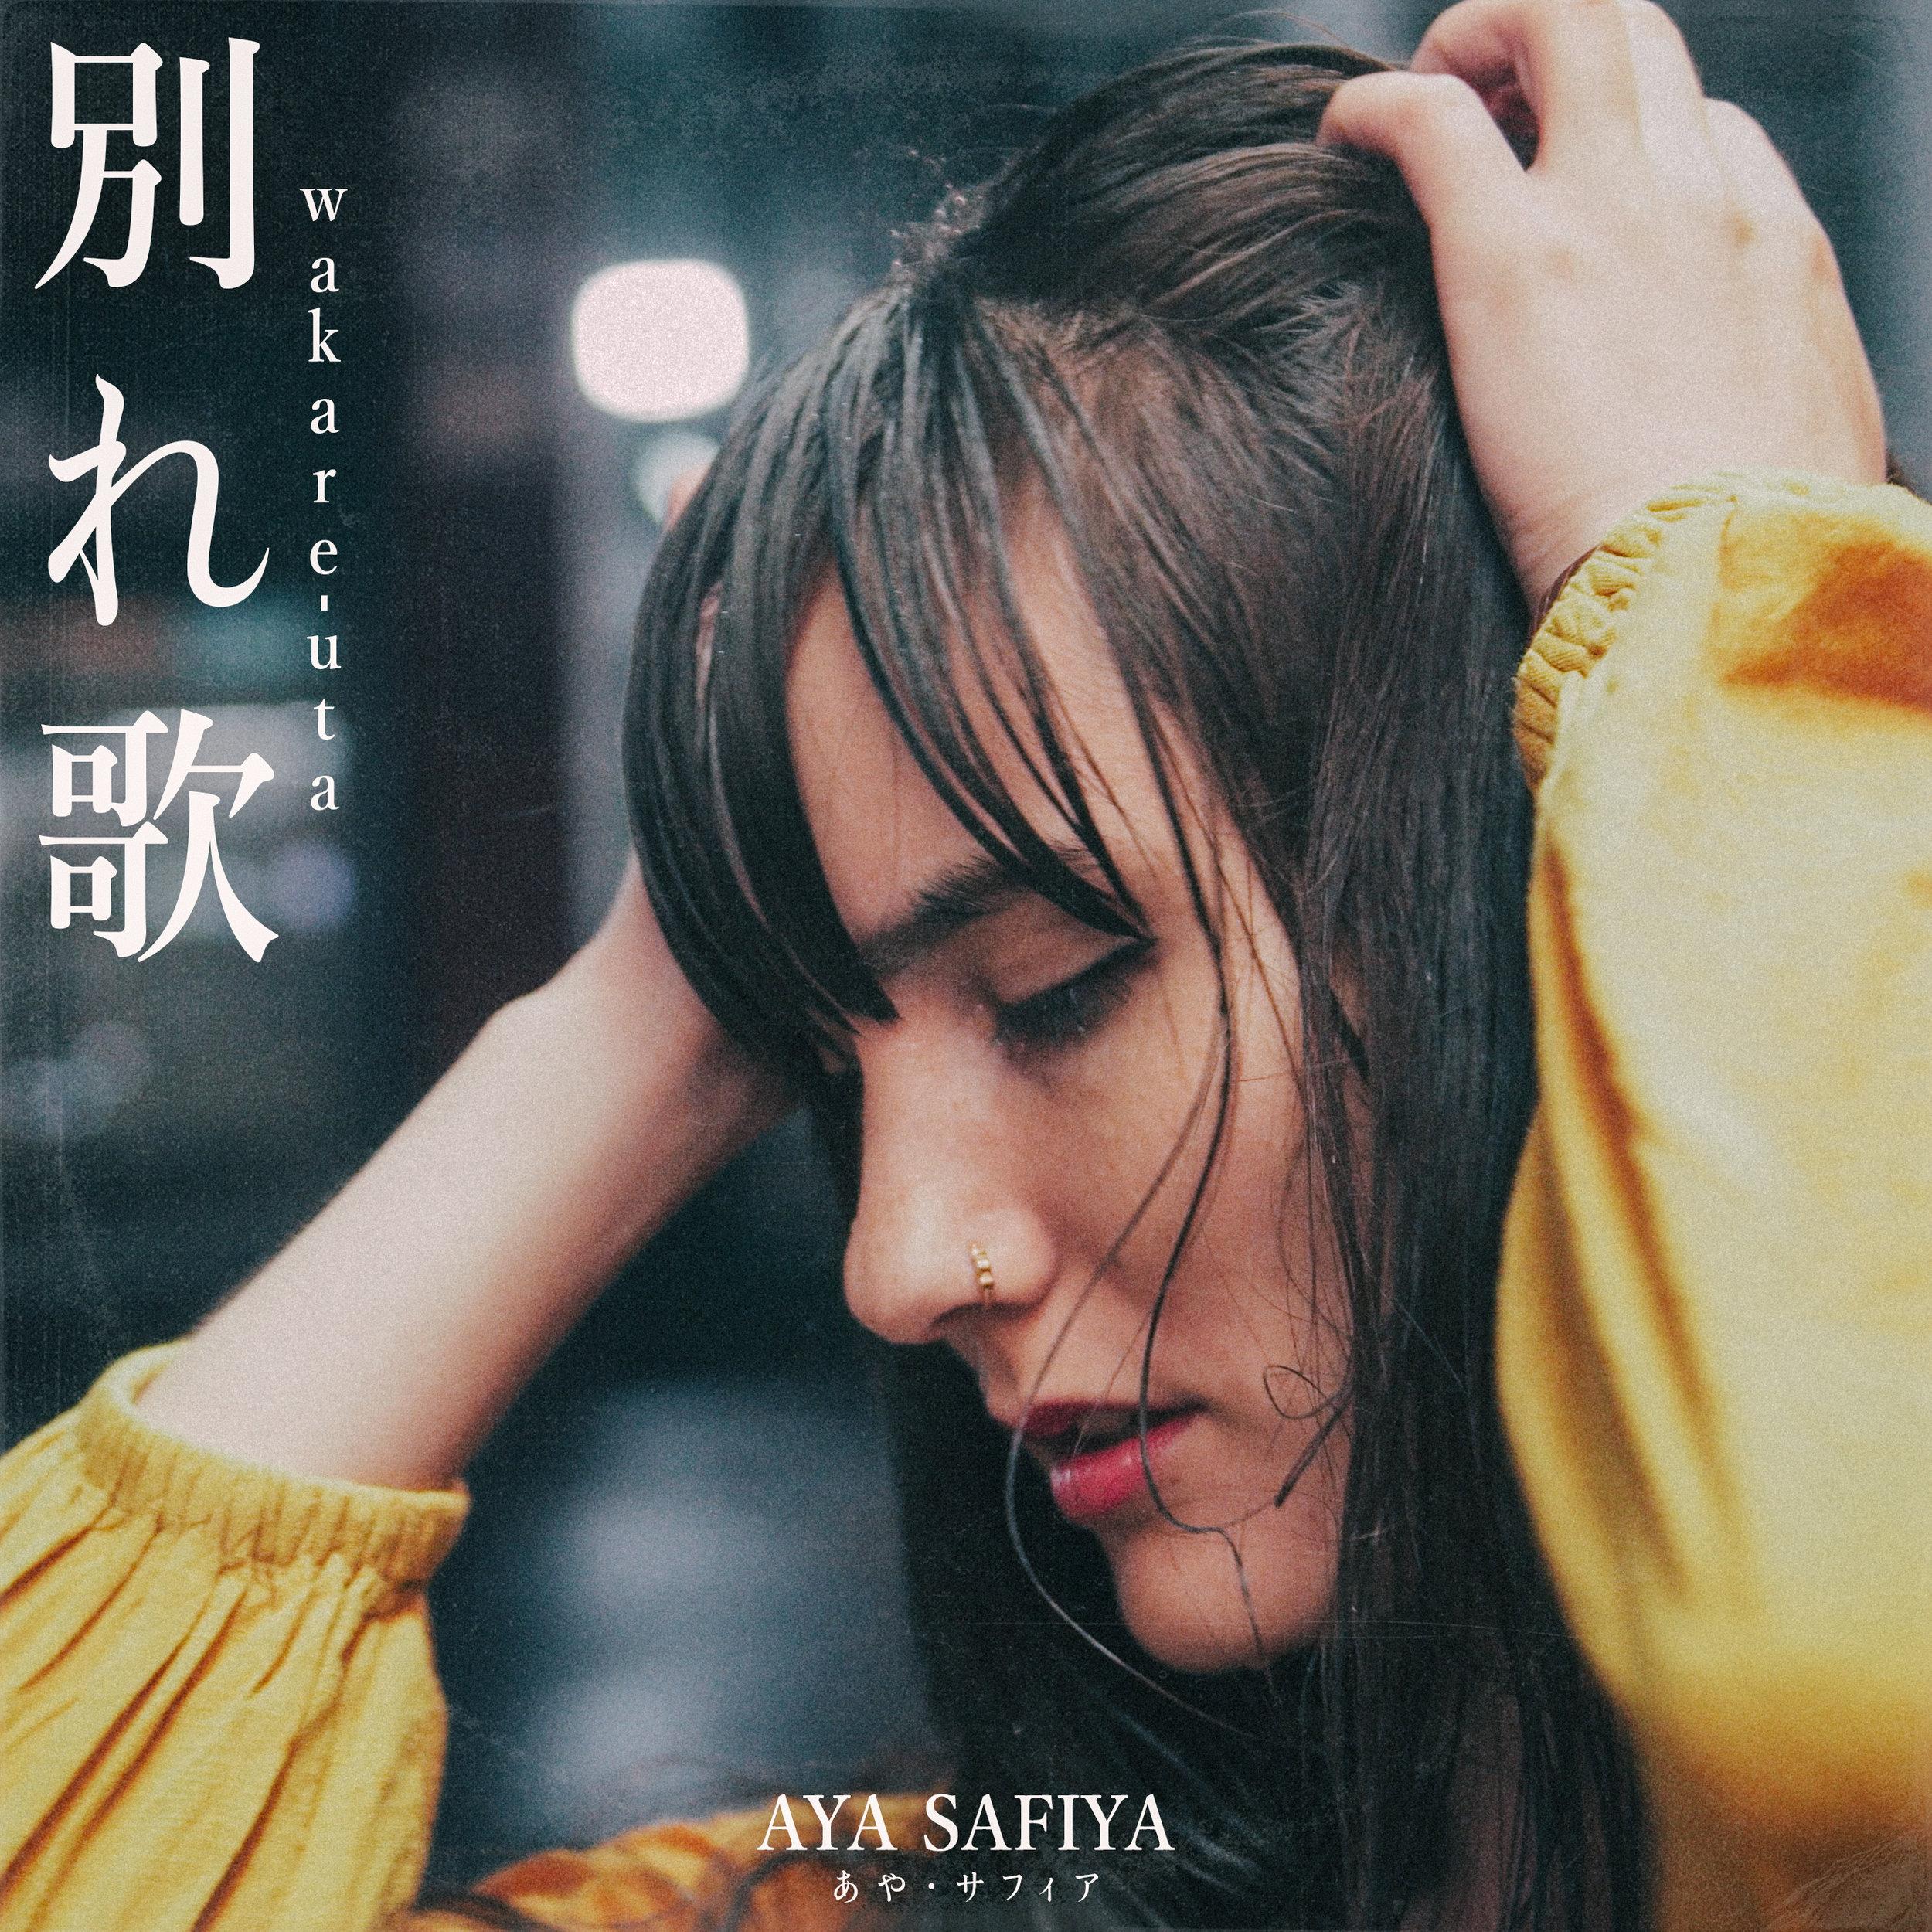 Wakare Uta album art 2-3.jpg